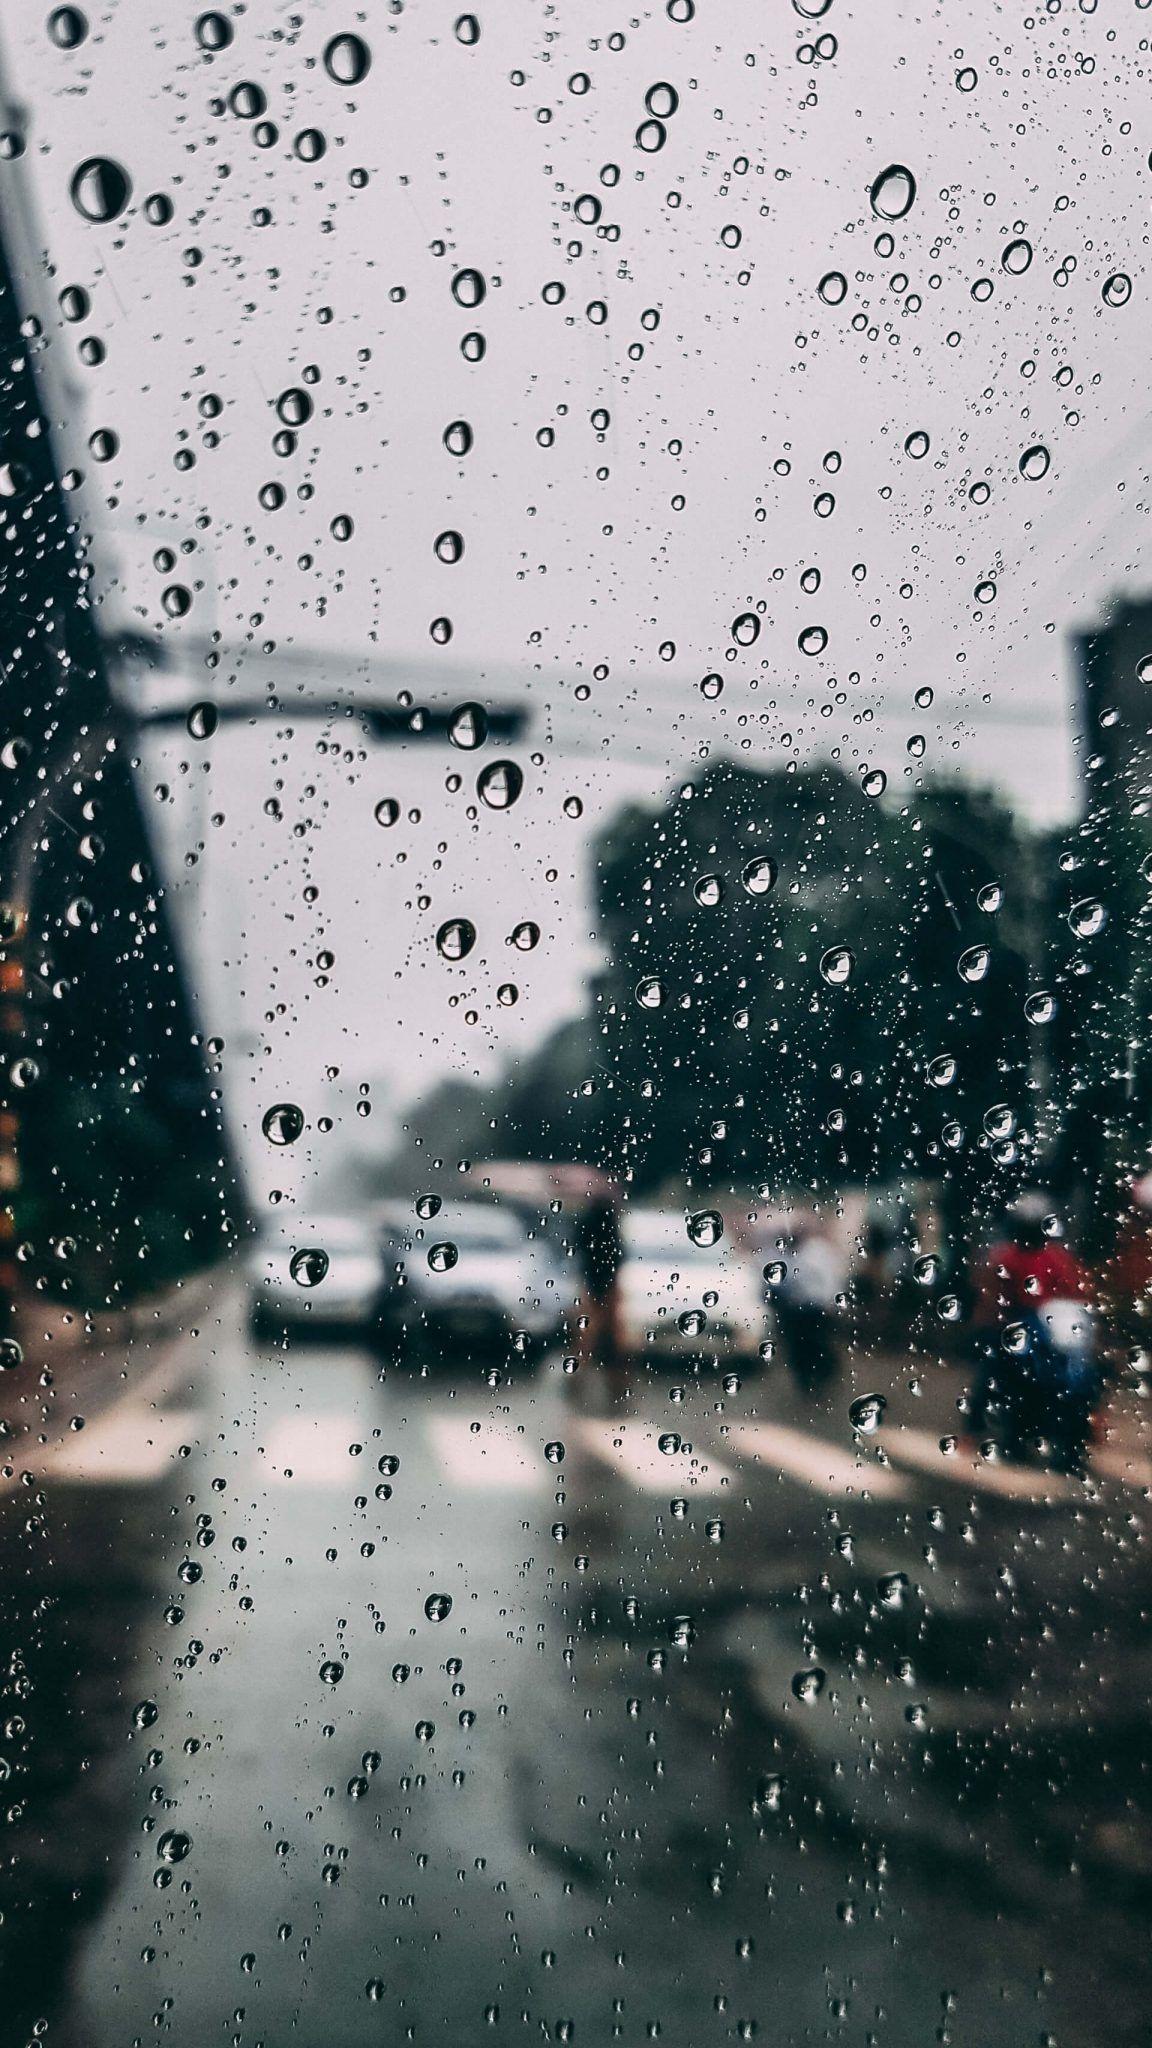 999 4k Hd Iphone Lockscreen Background Wallpaper Cloud Clipart Iphonelockscreen 999 4k Hd Iphone L En 2020 Fondo De Lluvia Fotografia De Lluvia Fotos En La Lluvia